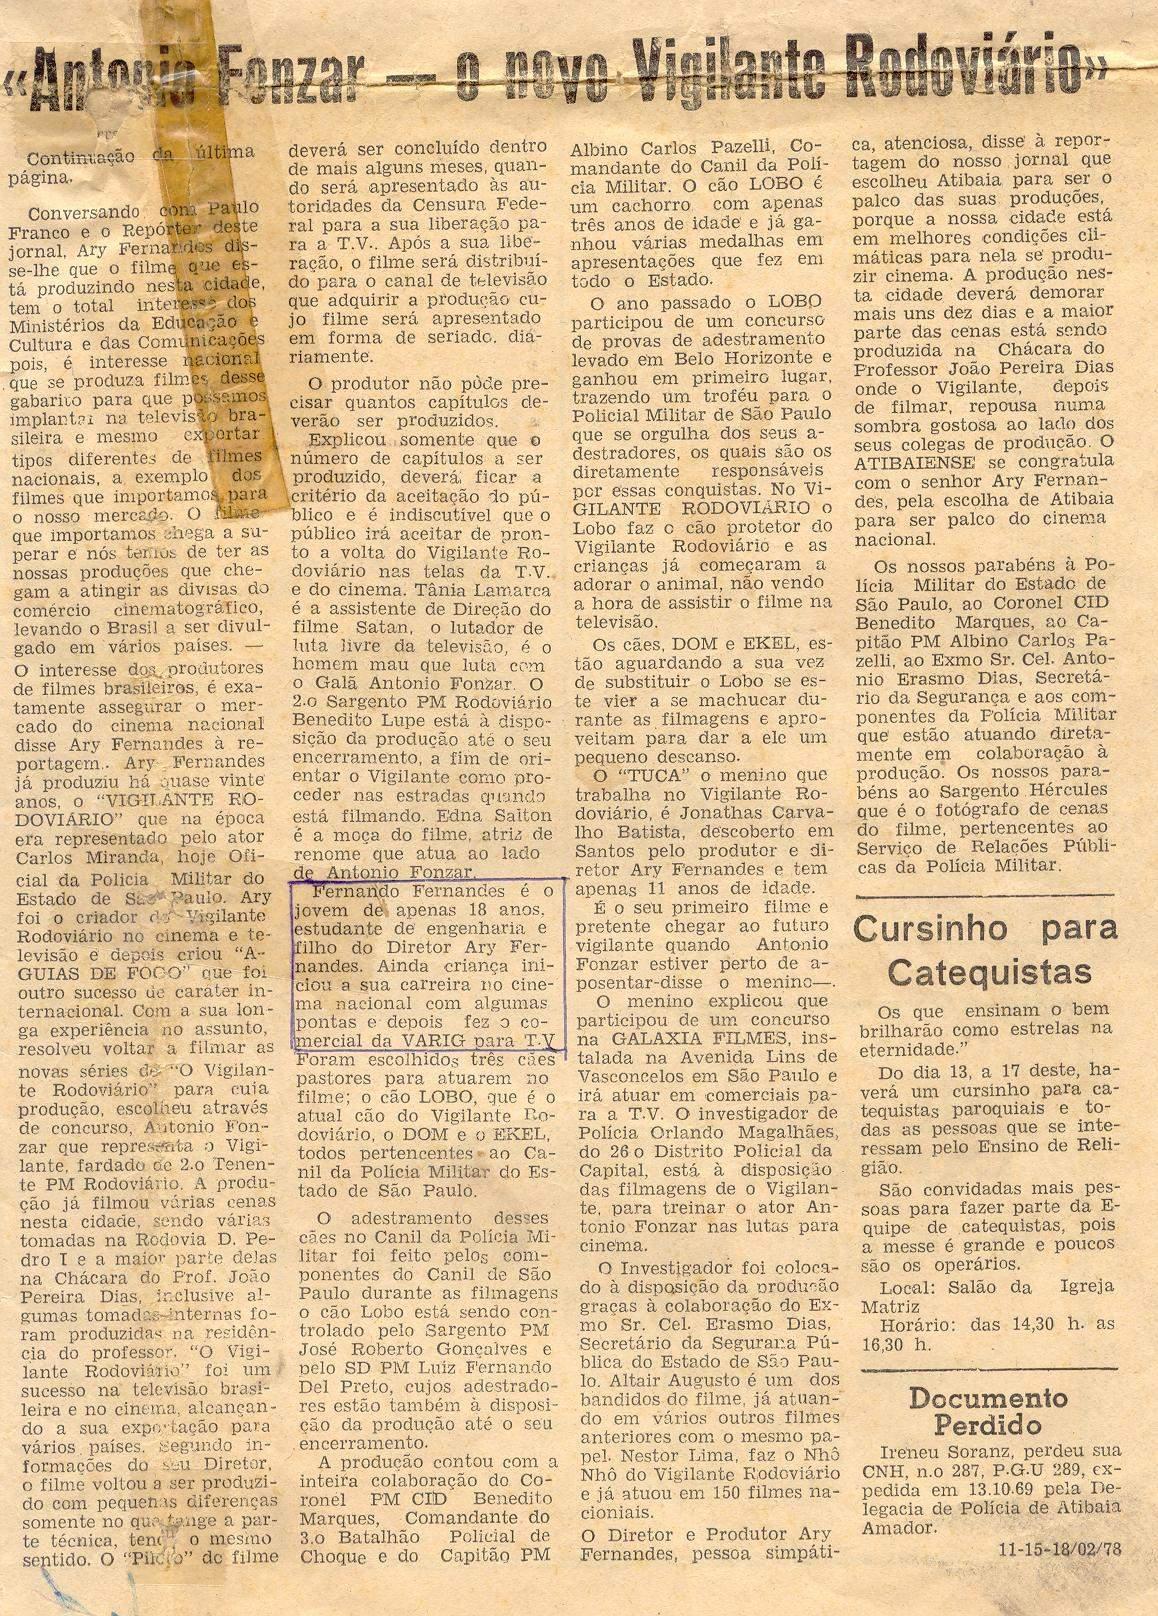 Segundo Vigilante Rodoviário de 1978  Jornal Atibaiense